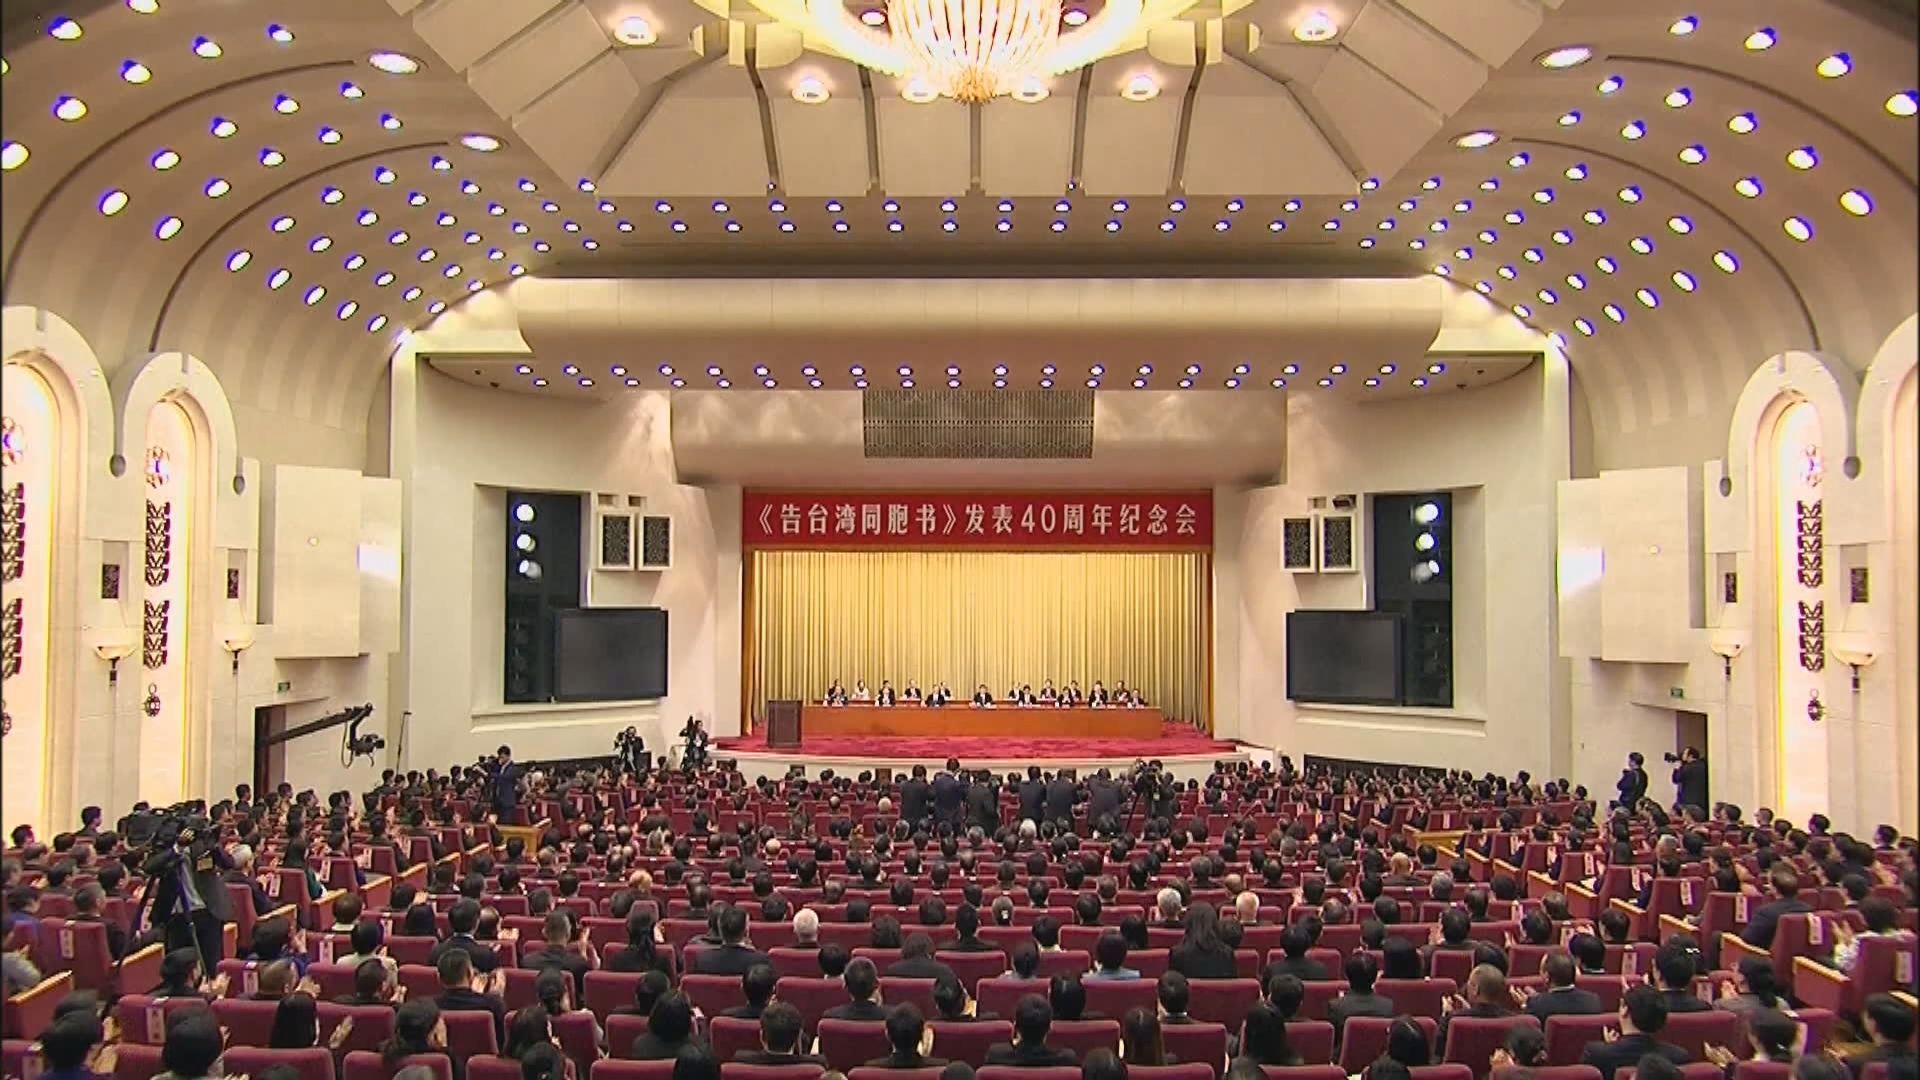 中央公布26條措施 為台灣同胞企業提供同等待遇